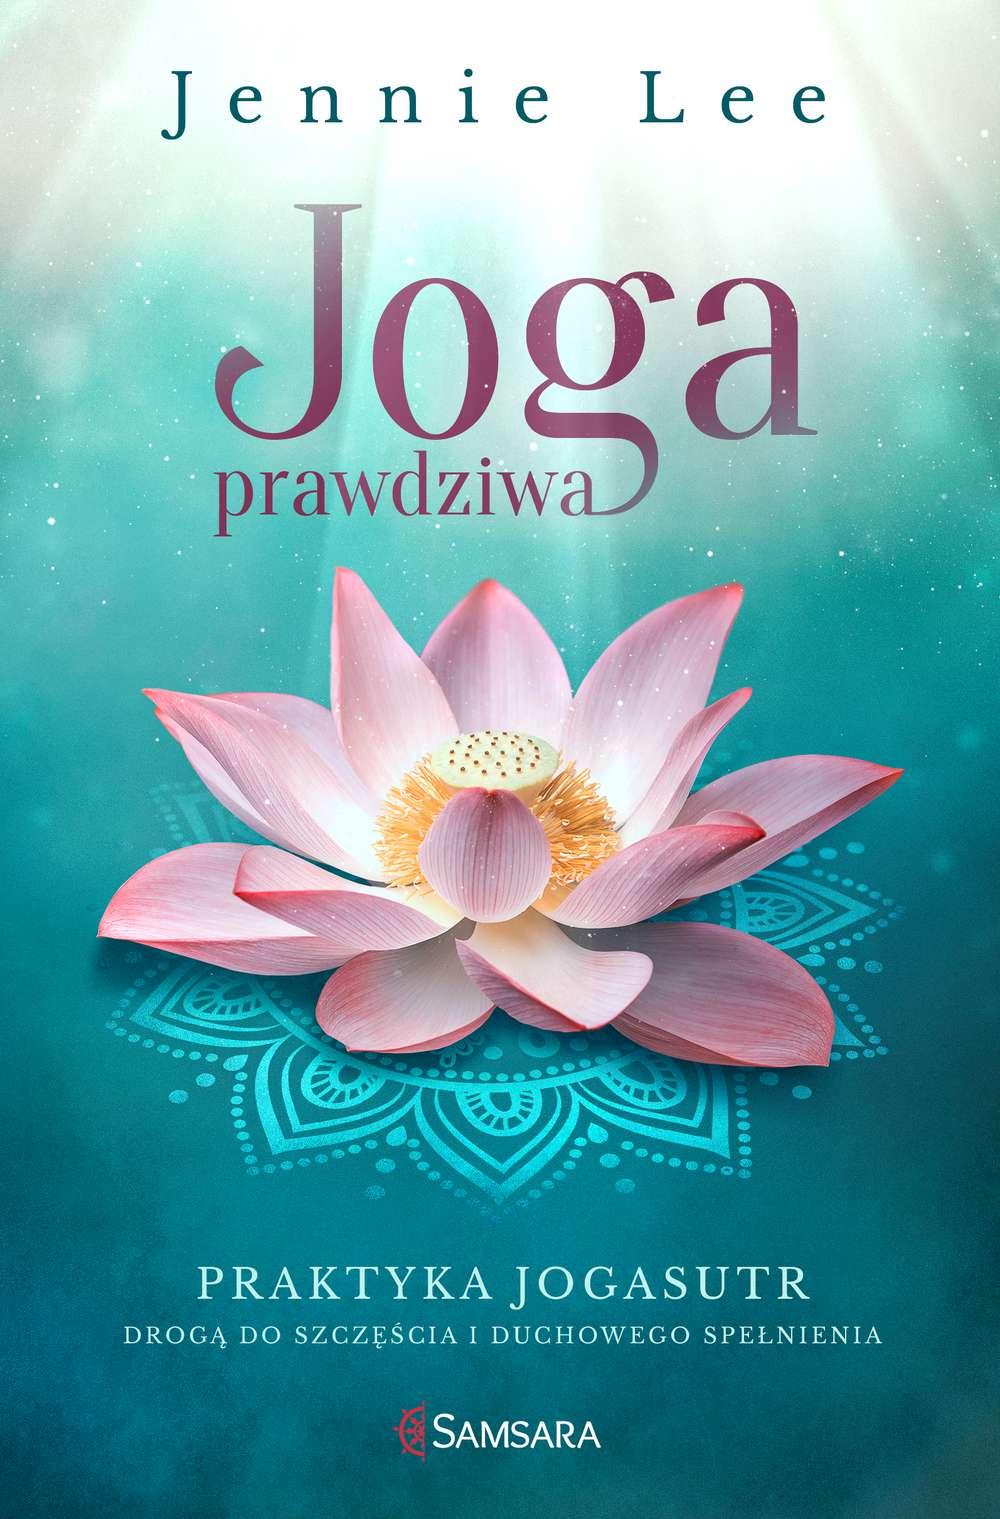 Joga prawdziwa. Praktyka Jogasutr drogą do szczęścia i duchowego spełnienia - Ebook (Książka na Kindle) do pobrania w formacie MOBI